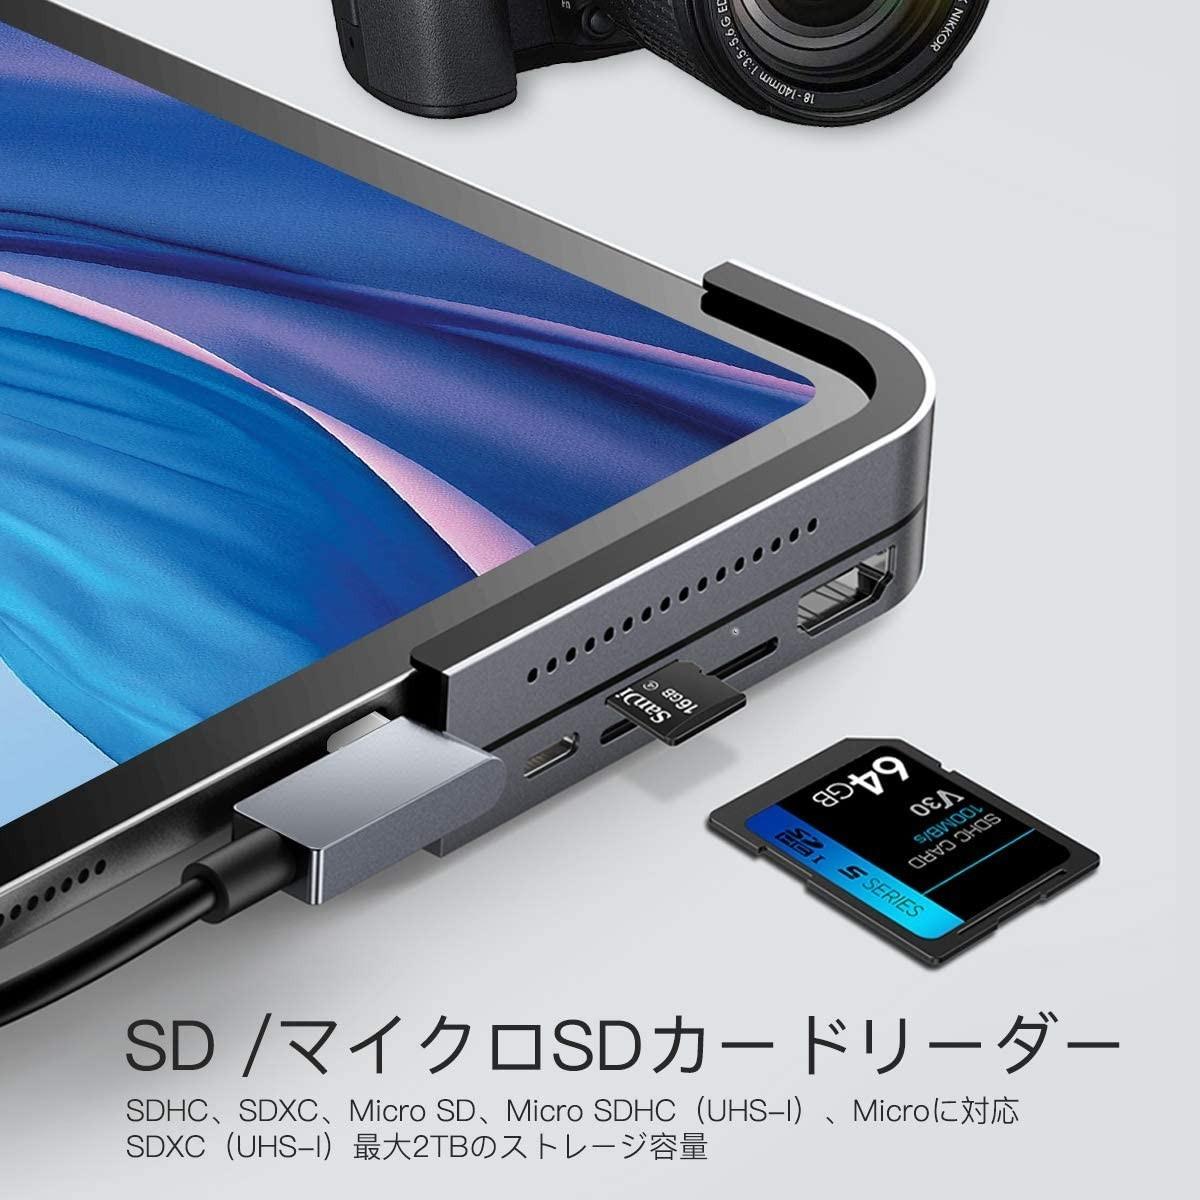 USB Cハブ ドッキングステーション USB-C PD充電